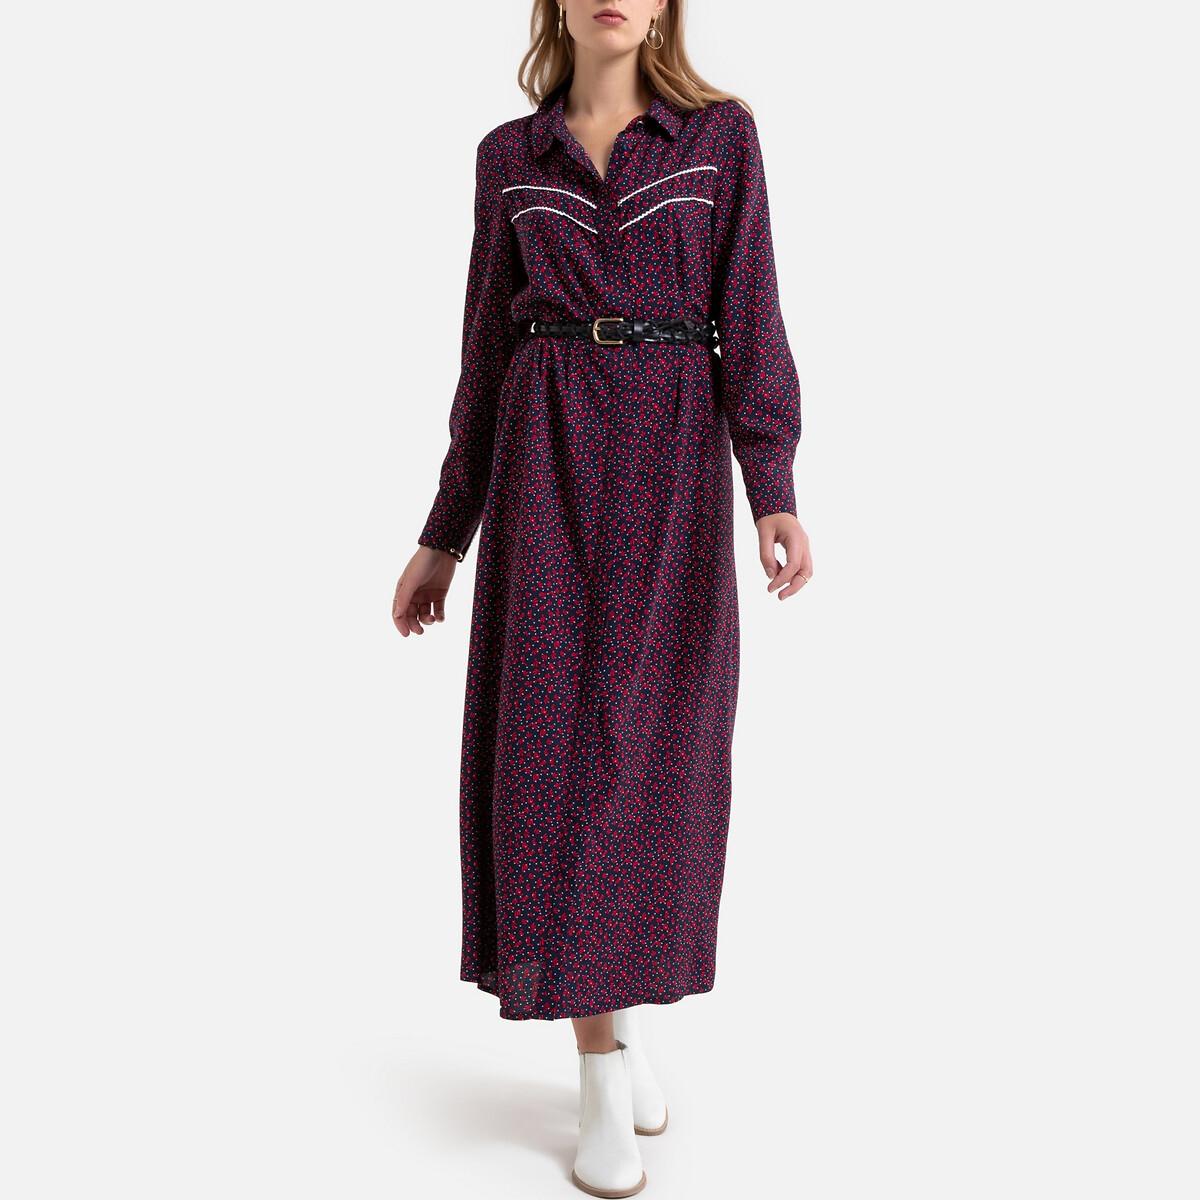 Платье La Redoute Макси расклешенное с цветочным принтом 34 (FR) - 40 (RUS) синий платье la redoute длинное с цветочным рисунком и напускным эффектом 34 fr 40 rus черный